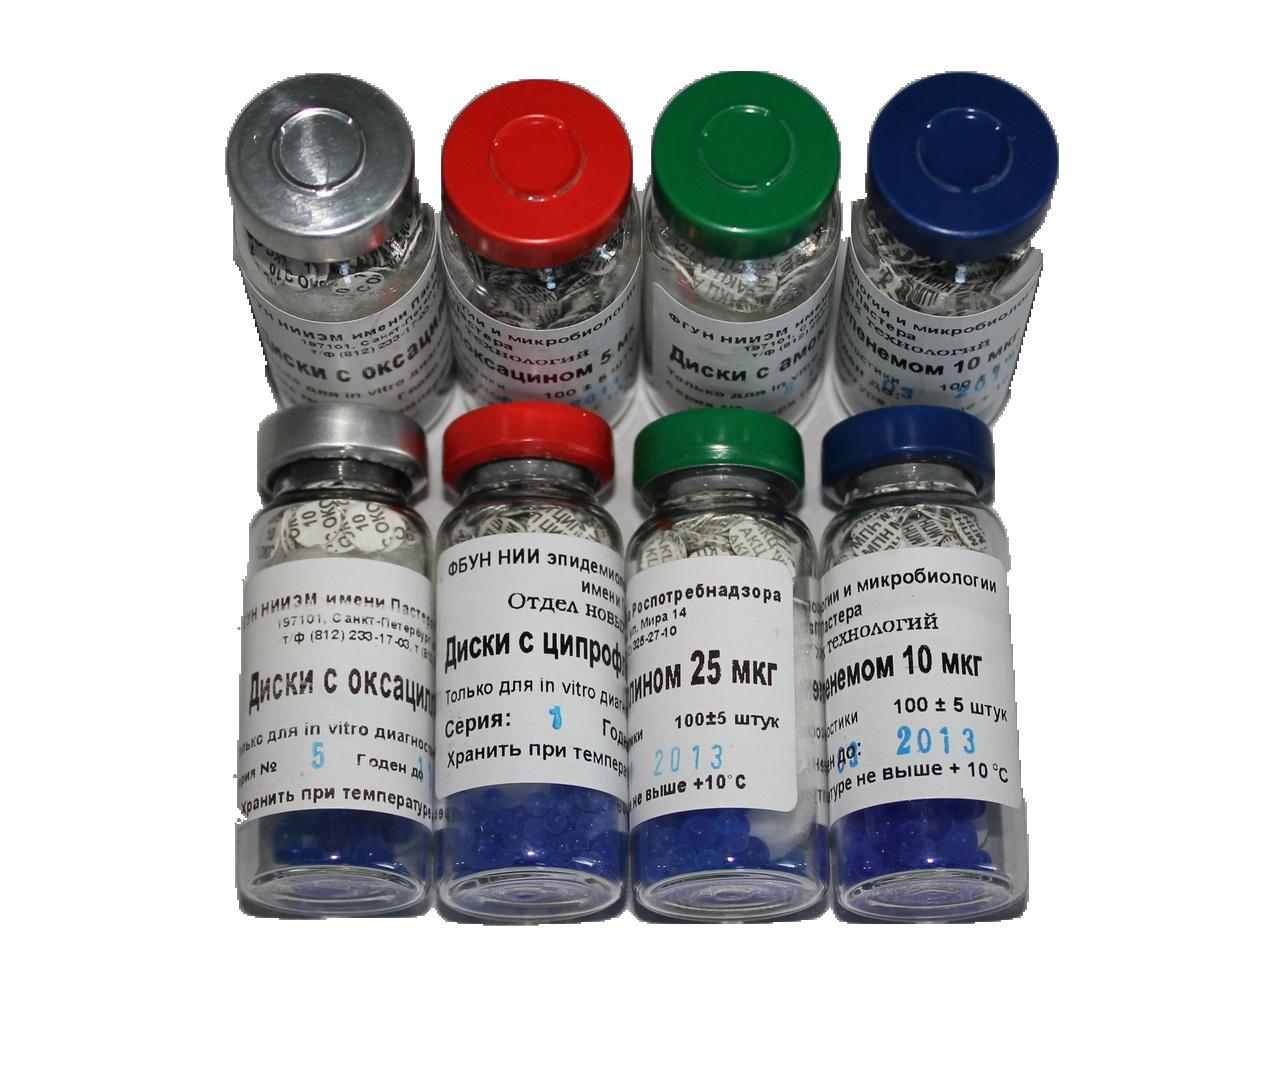 Как сделать пробу антибиотиком